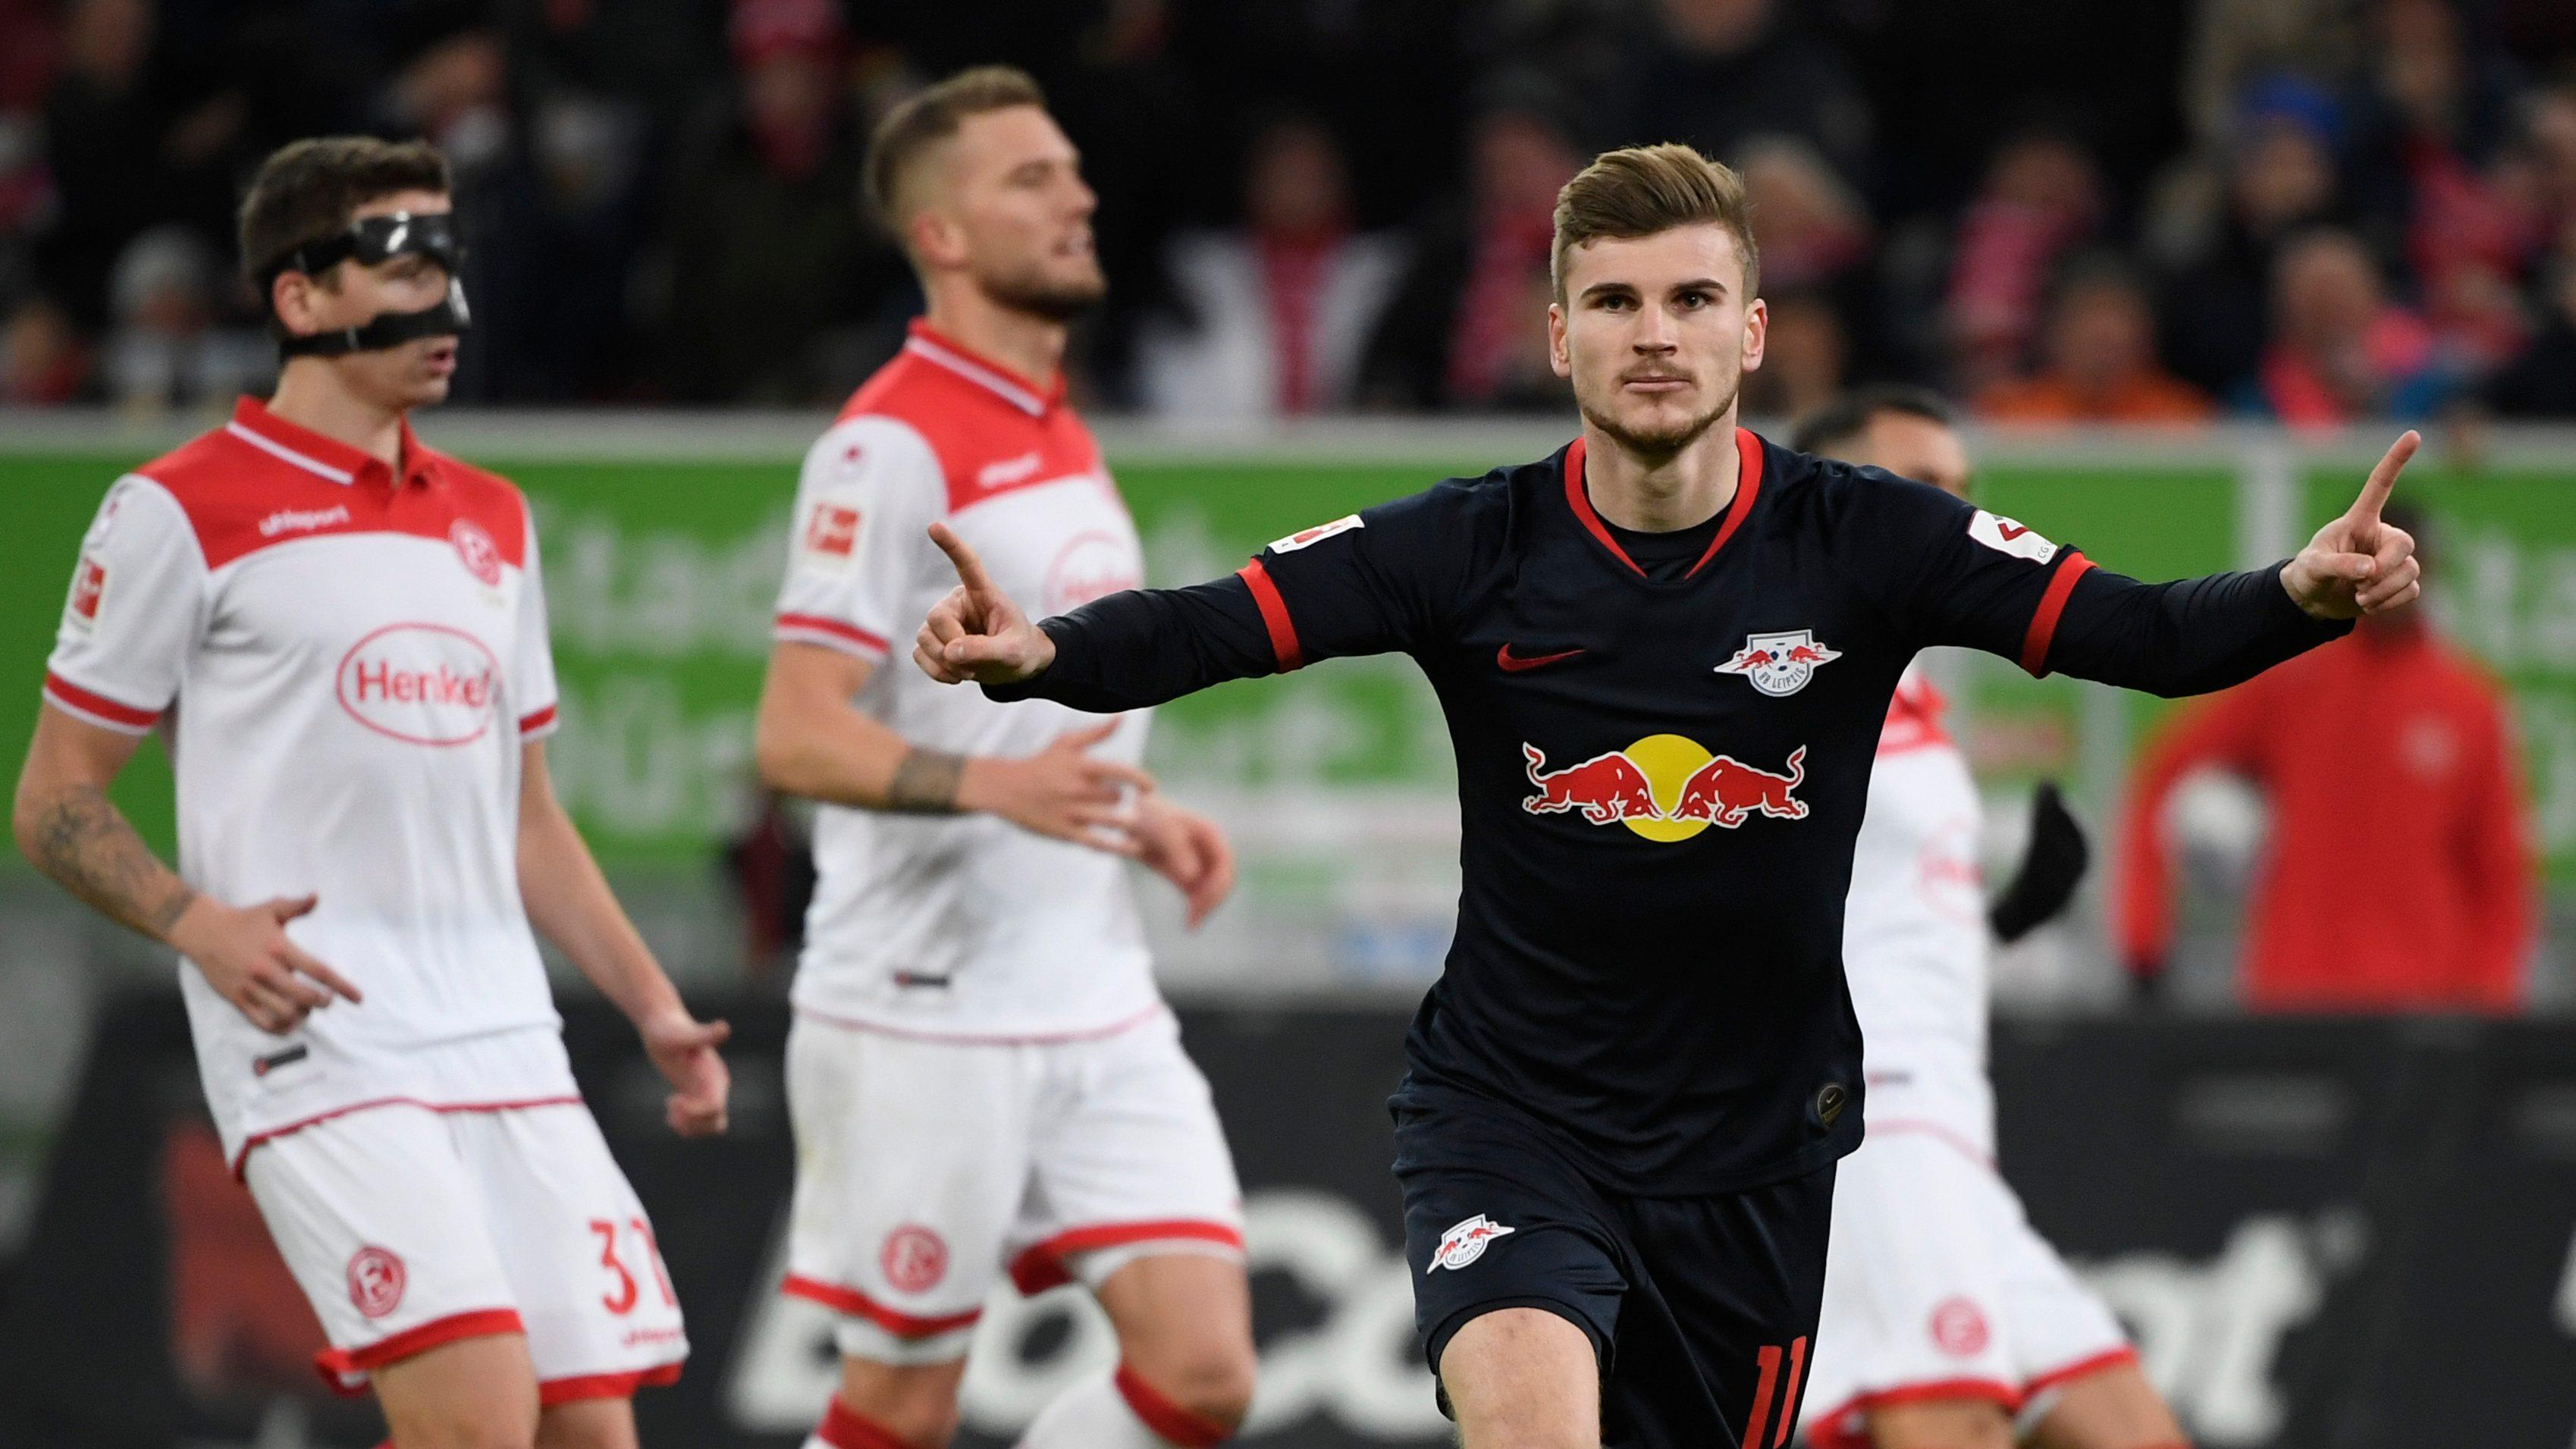 Sieg in Düsseldorf: Leipzig setzt sich an die Spitze